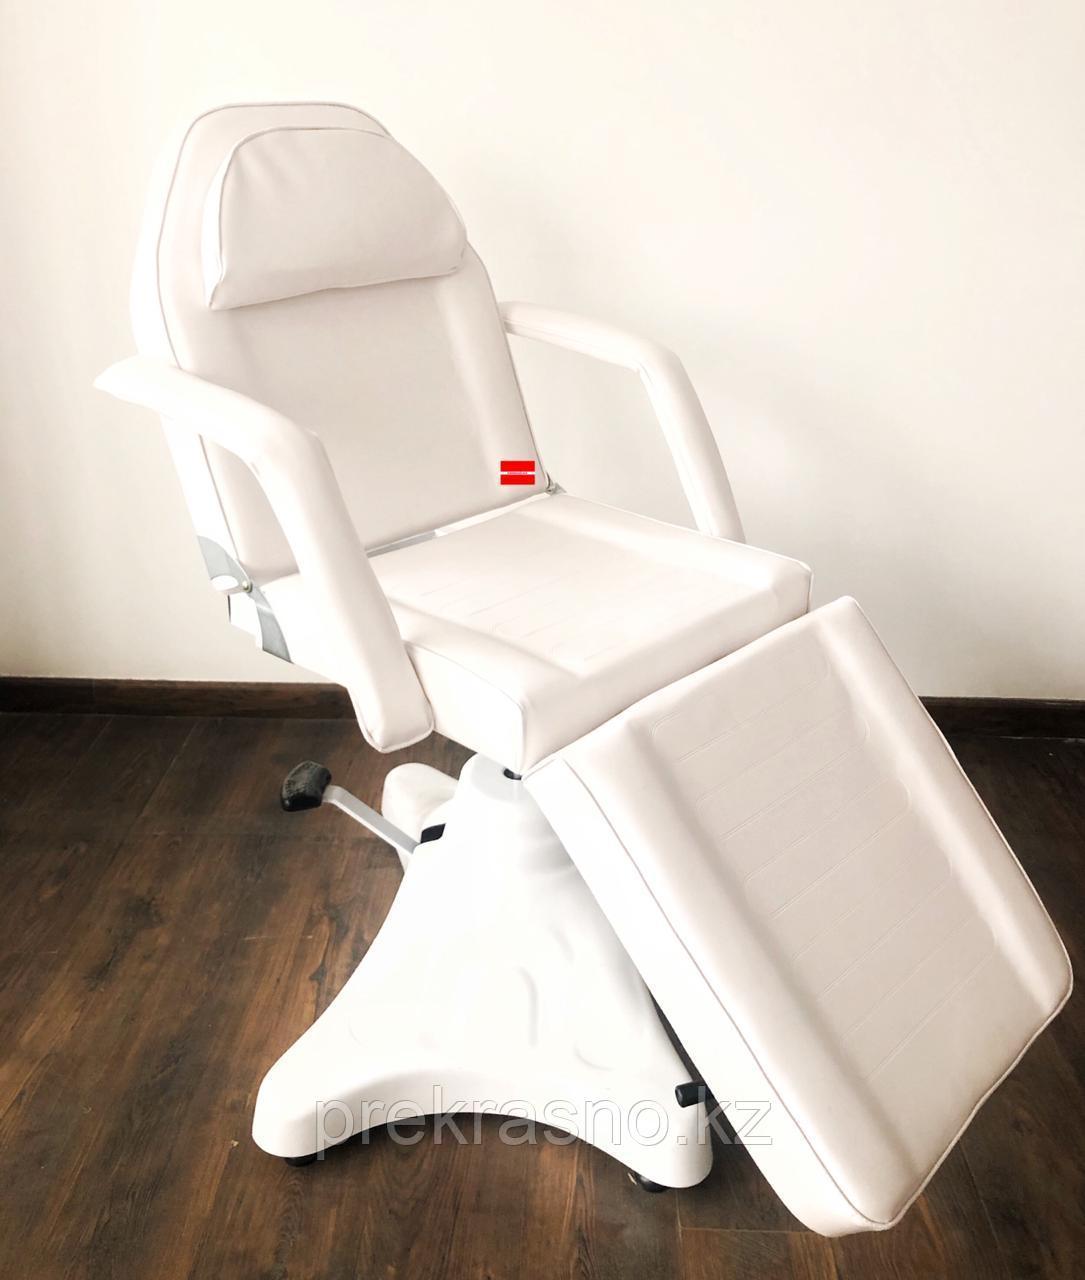 Косметологическое кресло C12 гидравлика